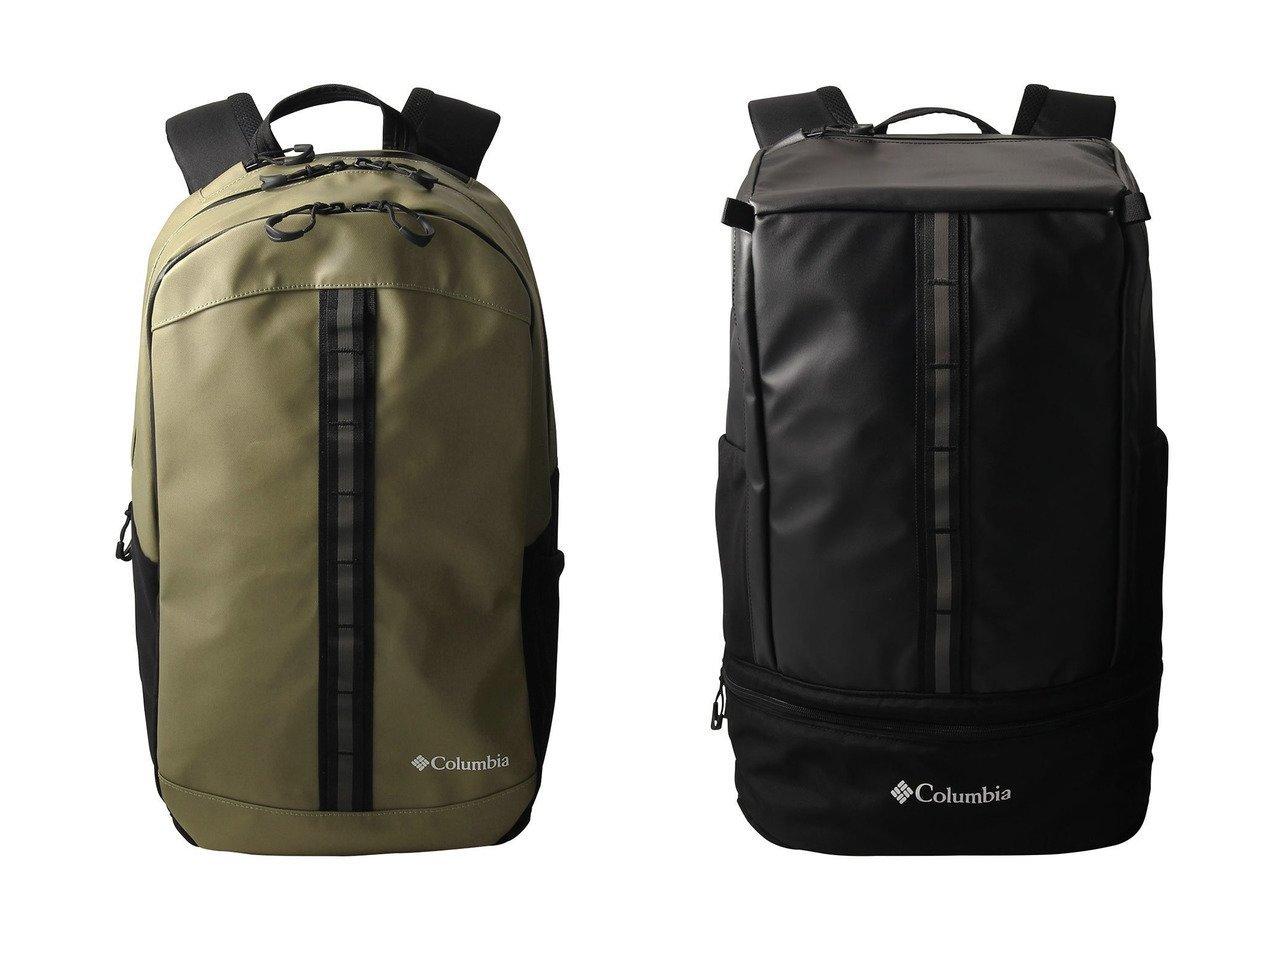 【Columbia/コロンビア】の【UNISEX】ロックシティパーク25Lバックパック&【UNISEX】ロックシティパーク30Lバックパック 【バッグ・鞄】おすすめ!人気、トレンド・レディースファッションの通販 おすすめで人気の流行・トレンド、ファッションの通販商品 インテリア・家具・メンズファッション・キッズファッション・レディースファッション・服の通販 founy(ファニー) https://founy.com/ ファッション Fashion レディースファッション WOMEN バッグ Bag スポーツウェア Sportswear スポーツ バッグ/ポーチ Bag 2020年 2020 2020-2021秋冬・A/W AW・Autumn/Winter・FW・Fall-Winter/2020-2021 2021年 2021 2021-2022秋冬・A/W AW・Autumn/Winter・FW・Fall-Winter・2021-2022 A/W・秋冬 AW・Autumn/Winter・FW・Fall-Winter UNISEX スタイリッシュ スポーツ スリーブ ポケット 定番 Standard アウトドア ショルダー スクエア フォルム フロント |ID:crp329100000068596